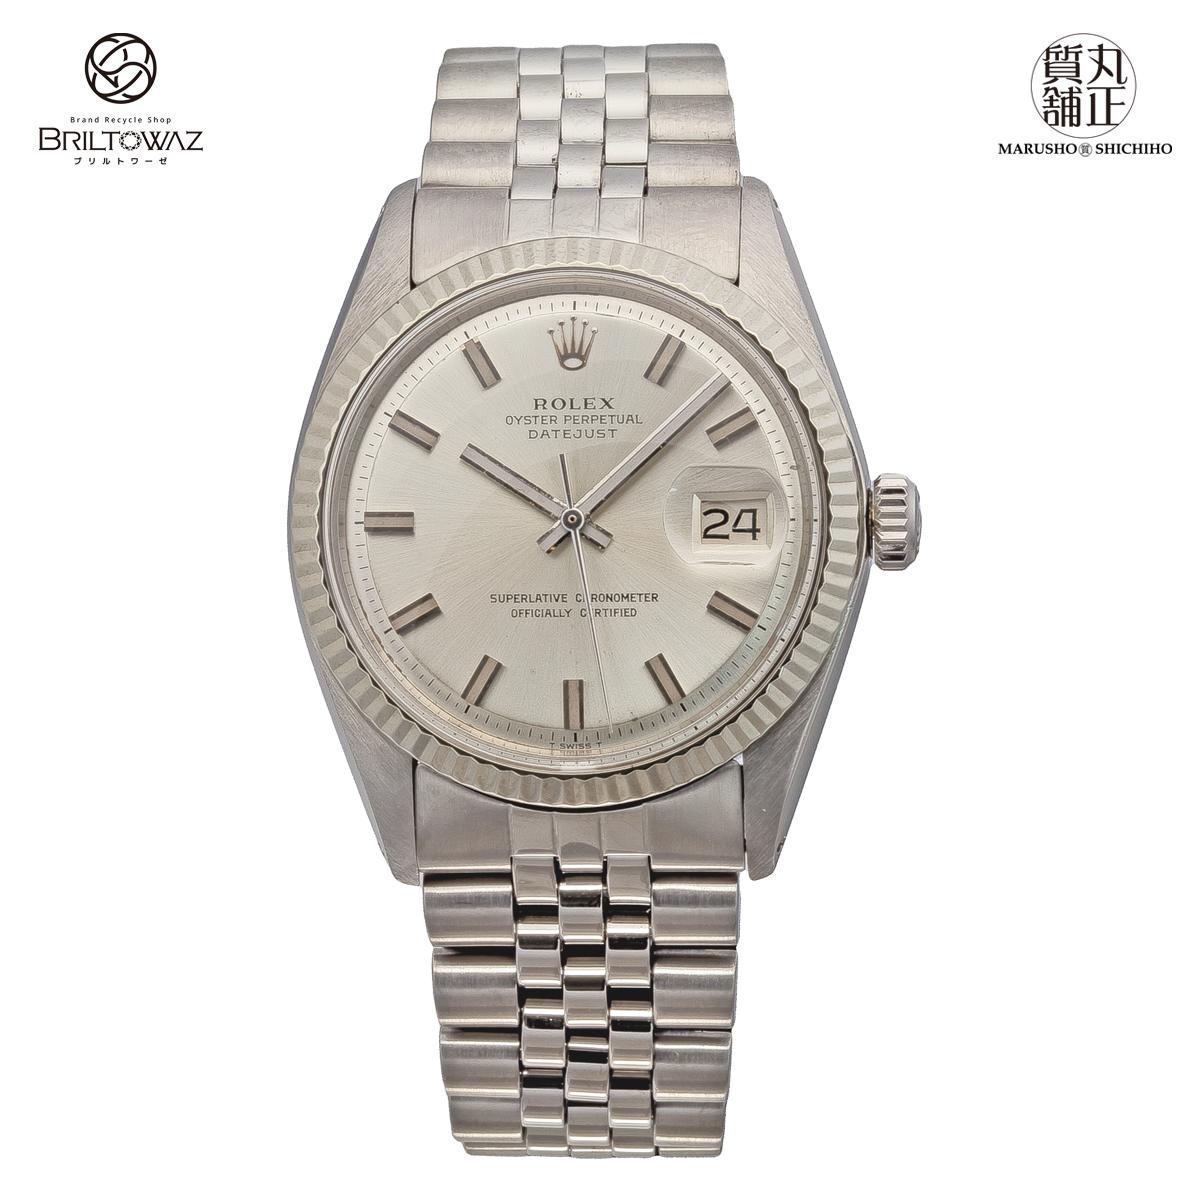 【送料無料】【あす楽】 ROLEX デイトジャスト Ref.1601 SS メンズ 腕時計 DATEJUST ロレックス メンズ USED【中古】【代引 無料】【ブリルトワーゼ】【丸正質舗】【質屋】(573561)